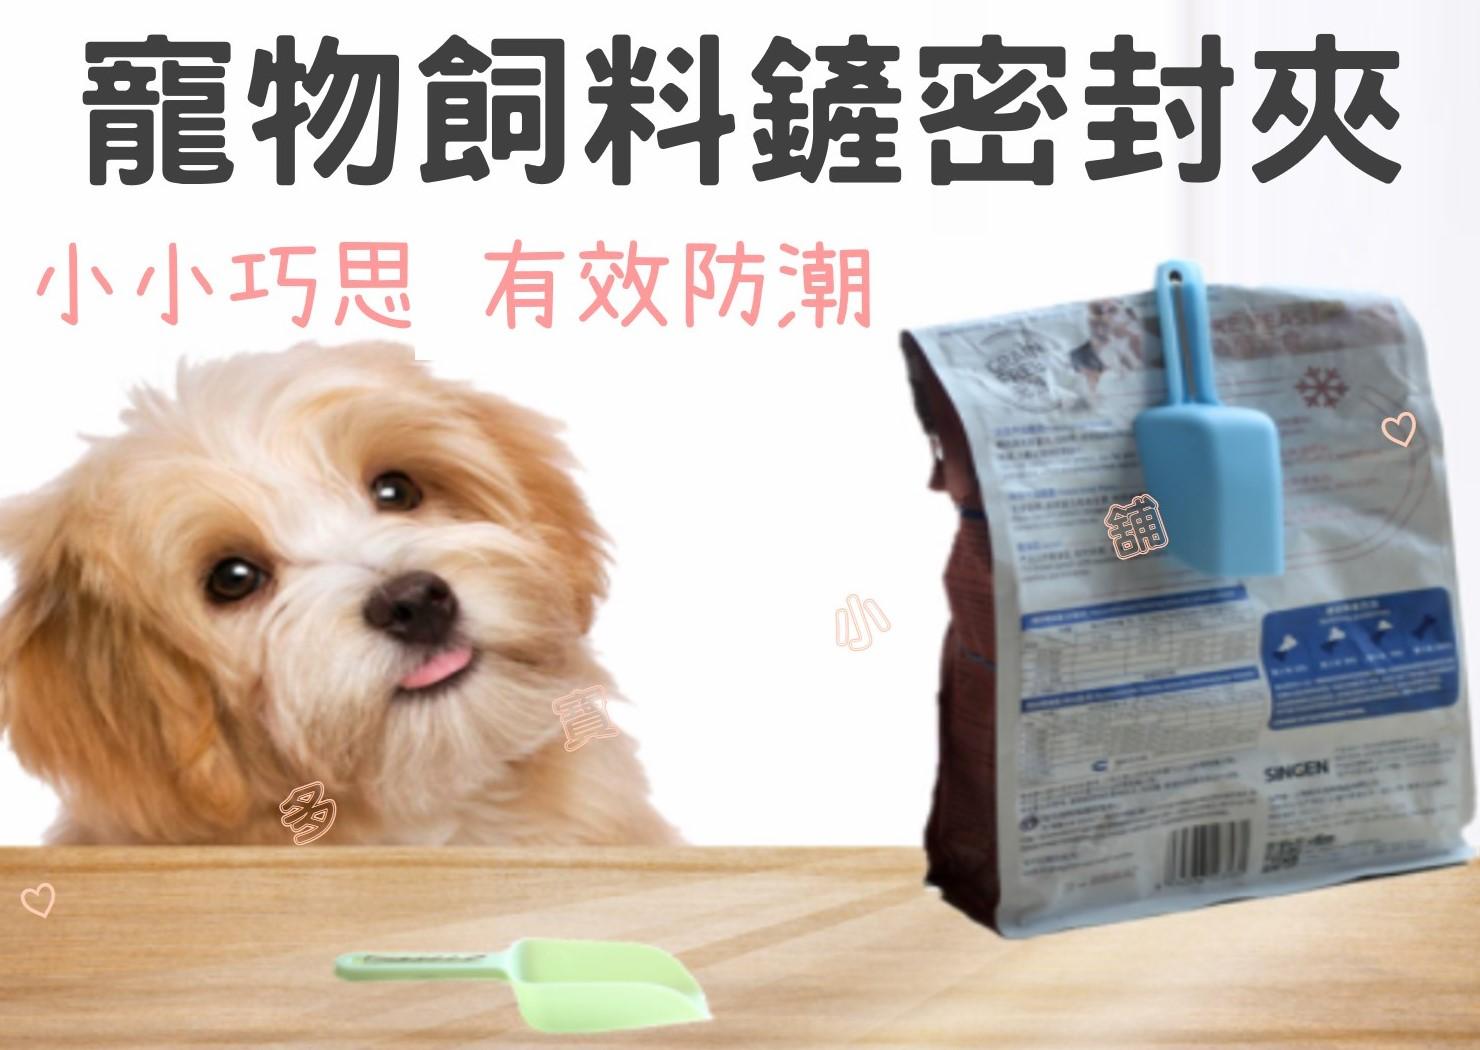 台灣現貨 寵物飼料鏟密封夾 狗糧勺 貓糧勺 糧食勺 飼料匙 飼料鏟 飼料勺 鏟子 勺子 寵物用品 小鏟子 鼠用品 兔用品